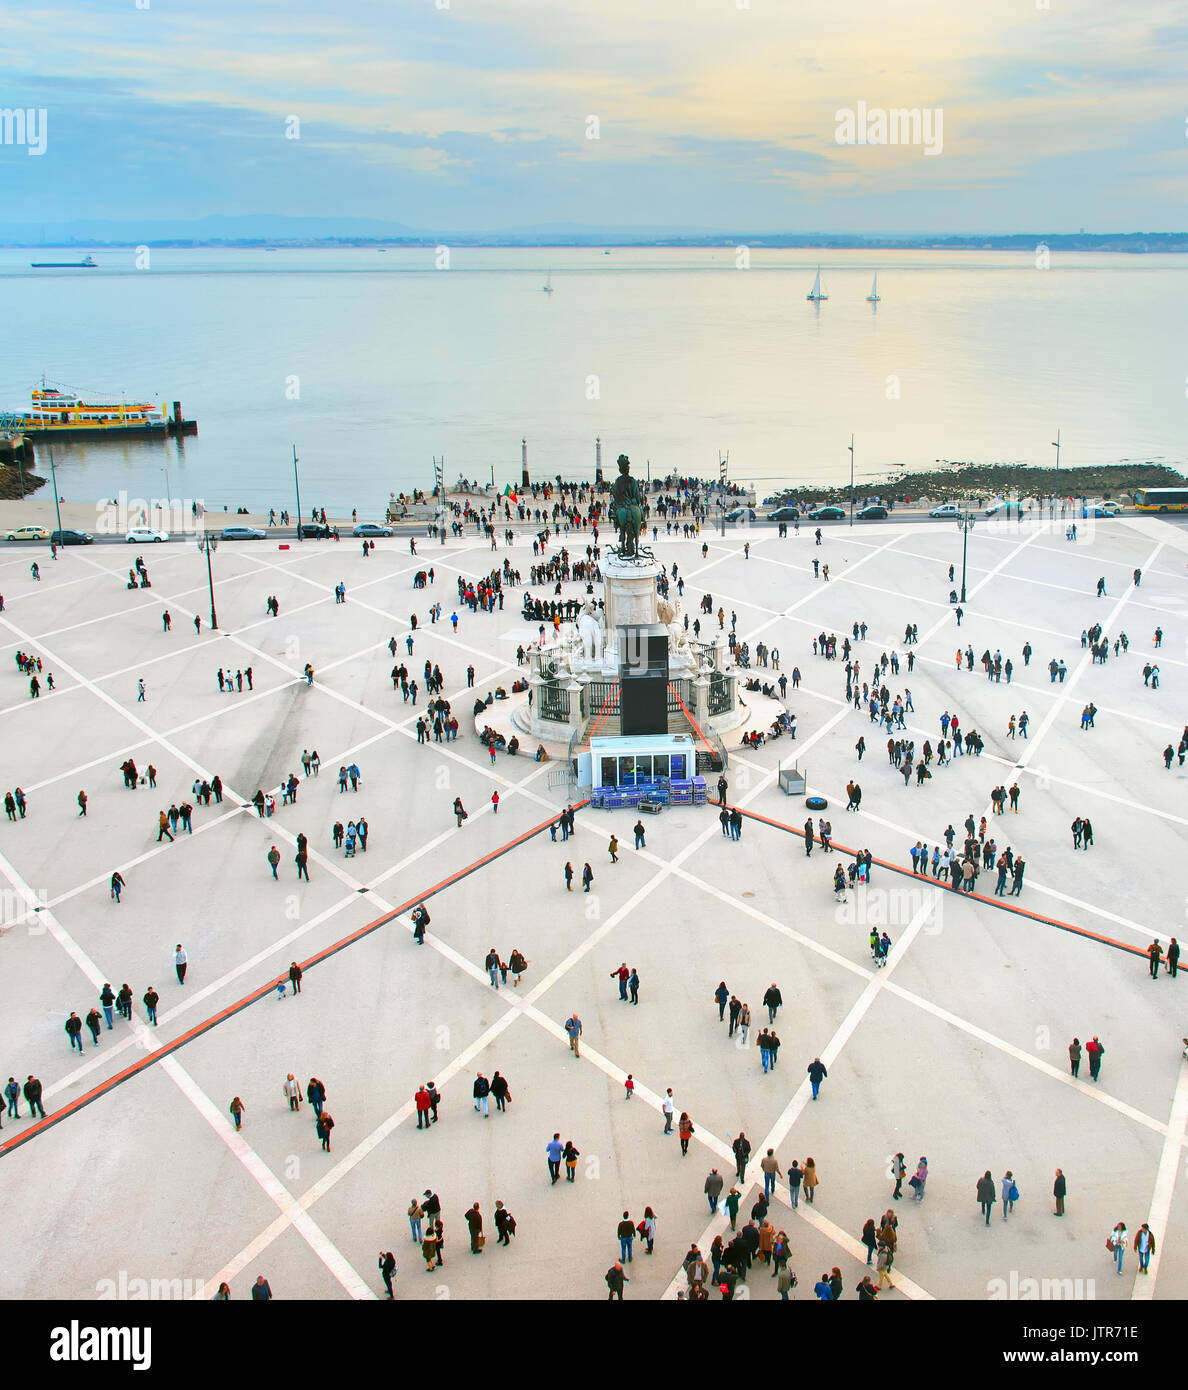 Vue aérienne de la place commerciale. Lisbonne, Portugal Photo Stock